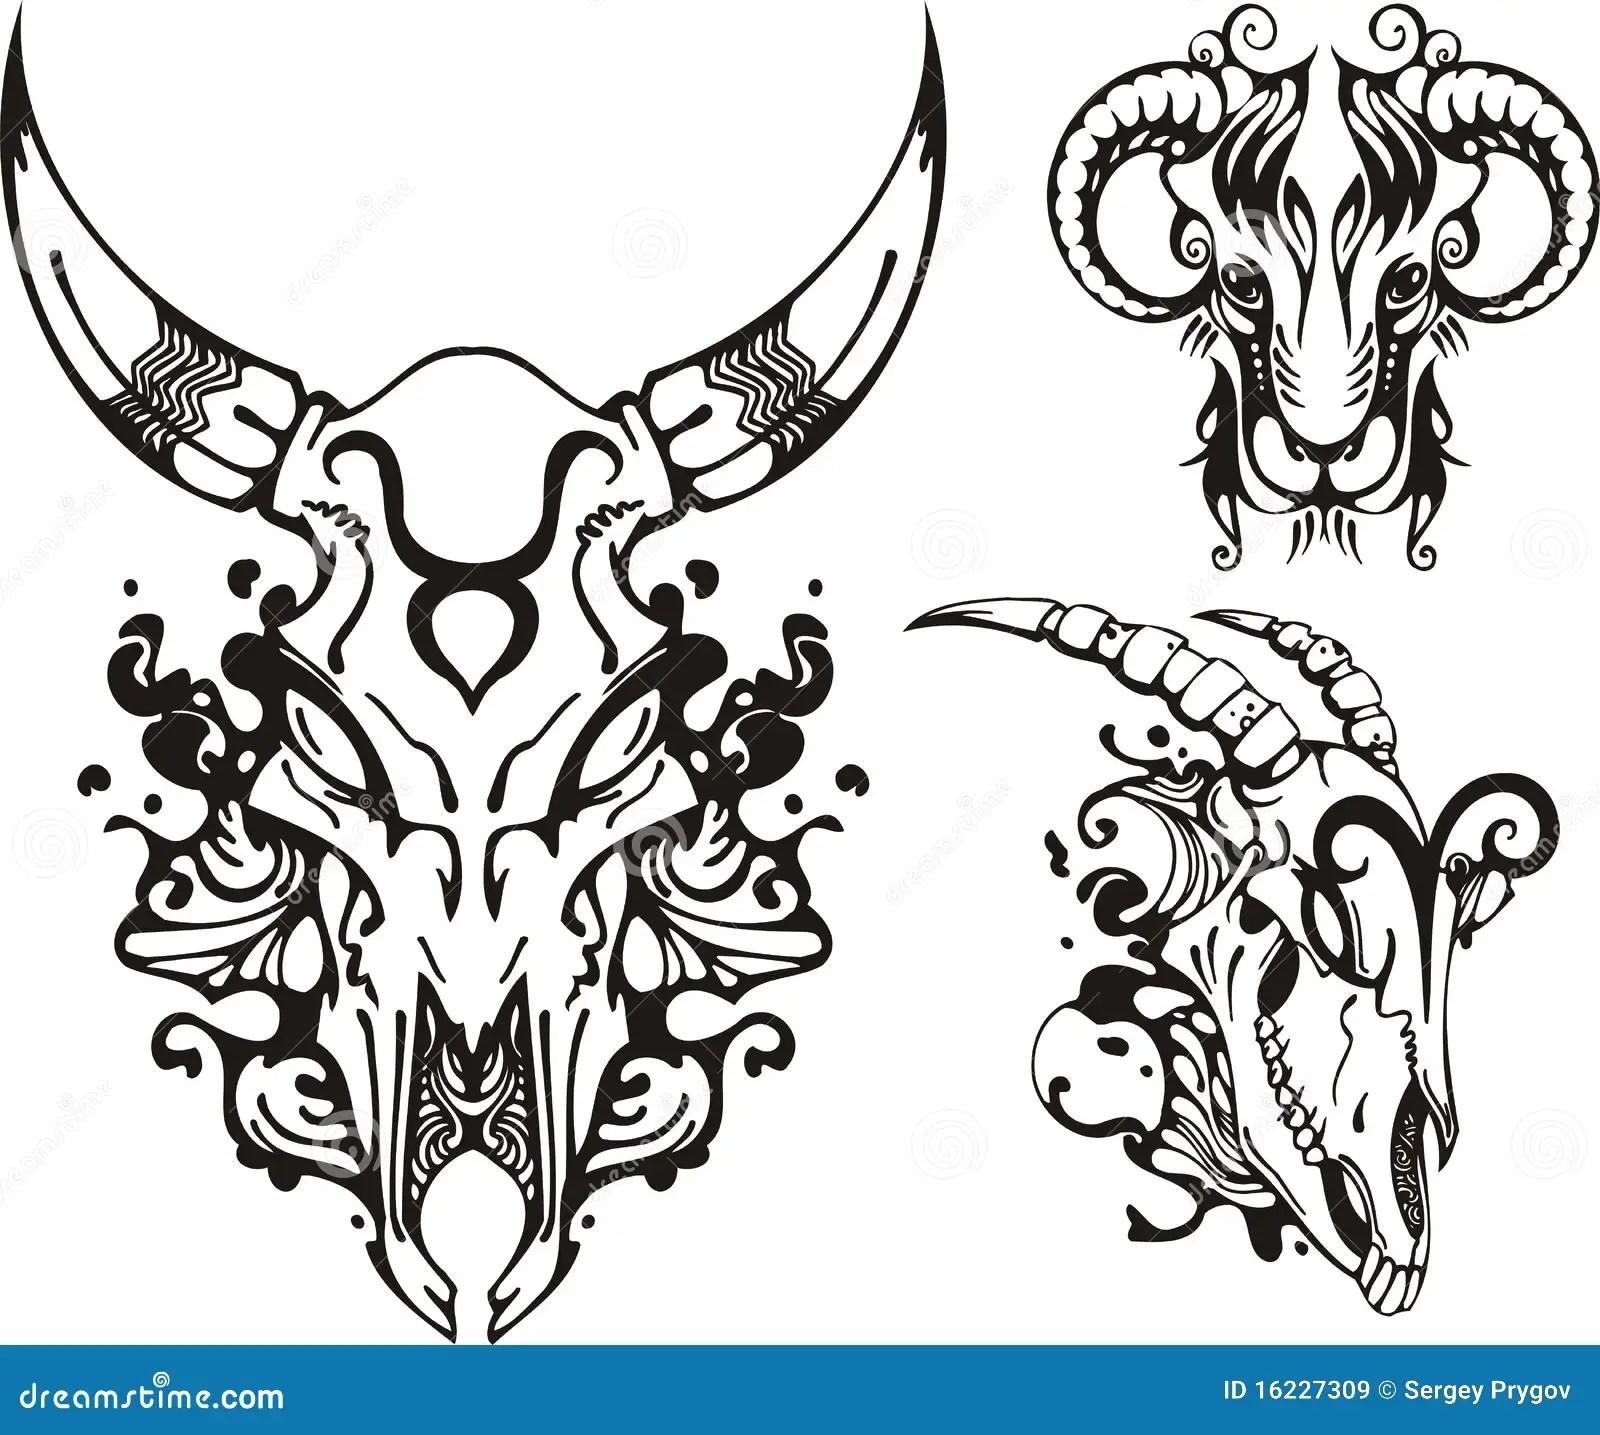 Zodiaco Di Scorpion Fantasy Illustrazione Vettoriale